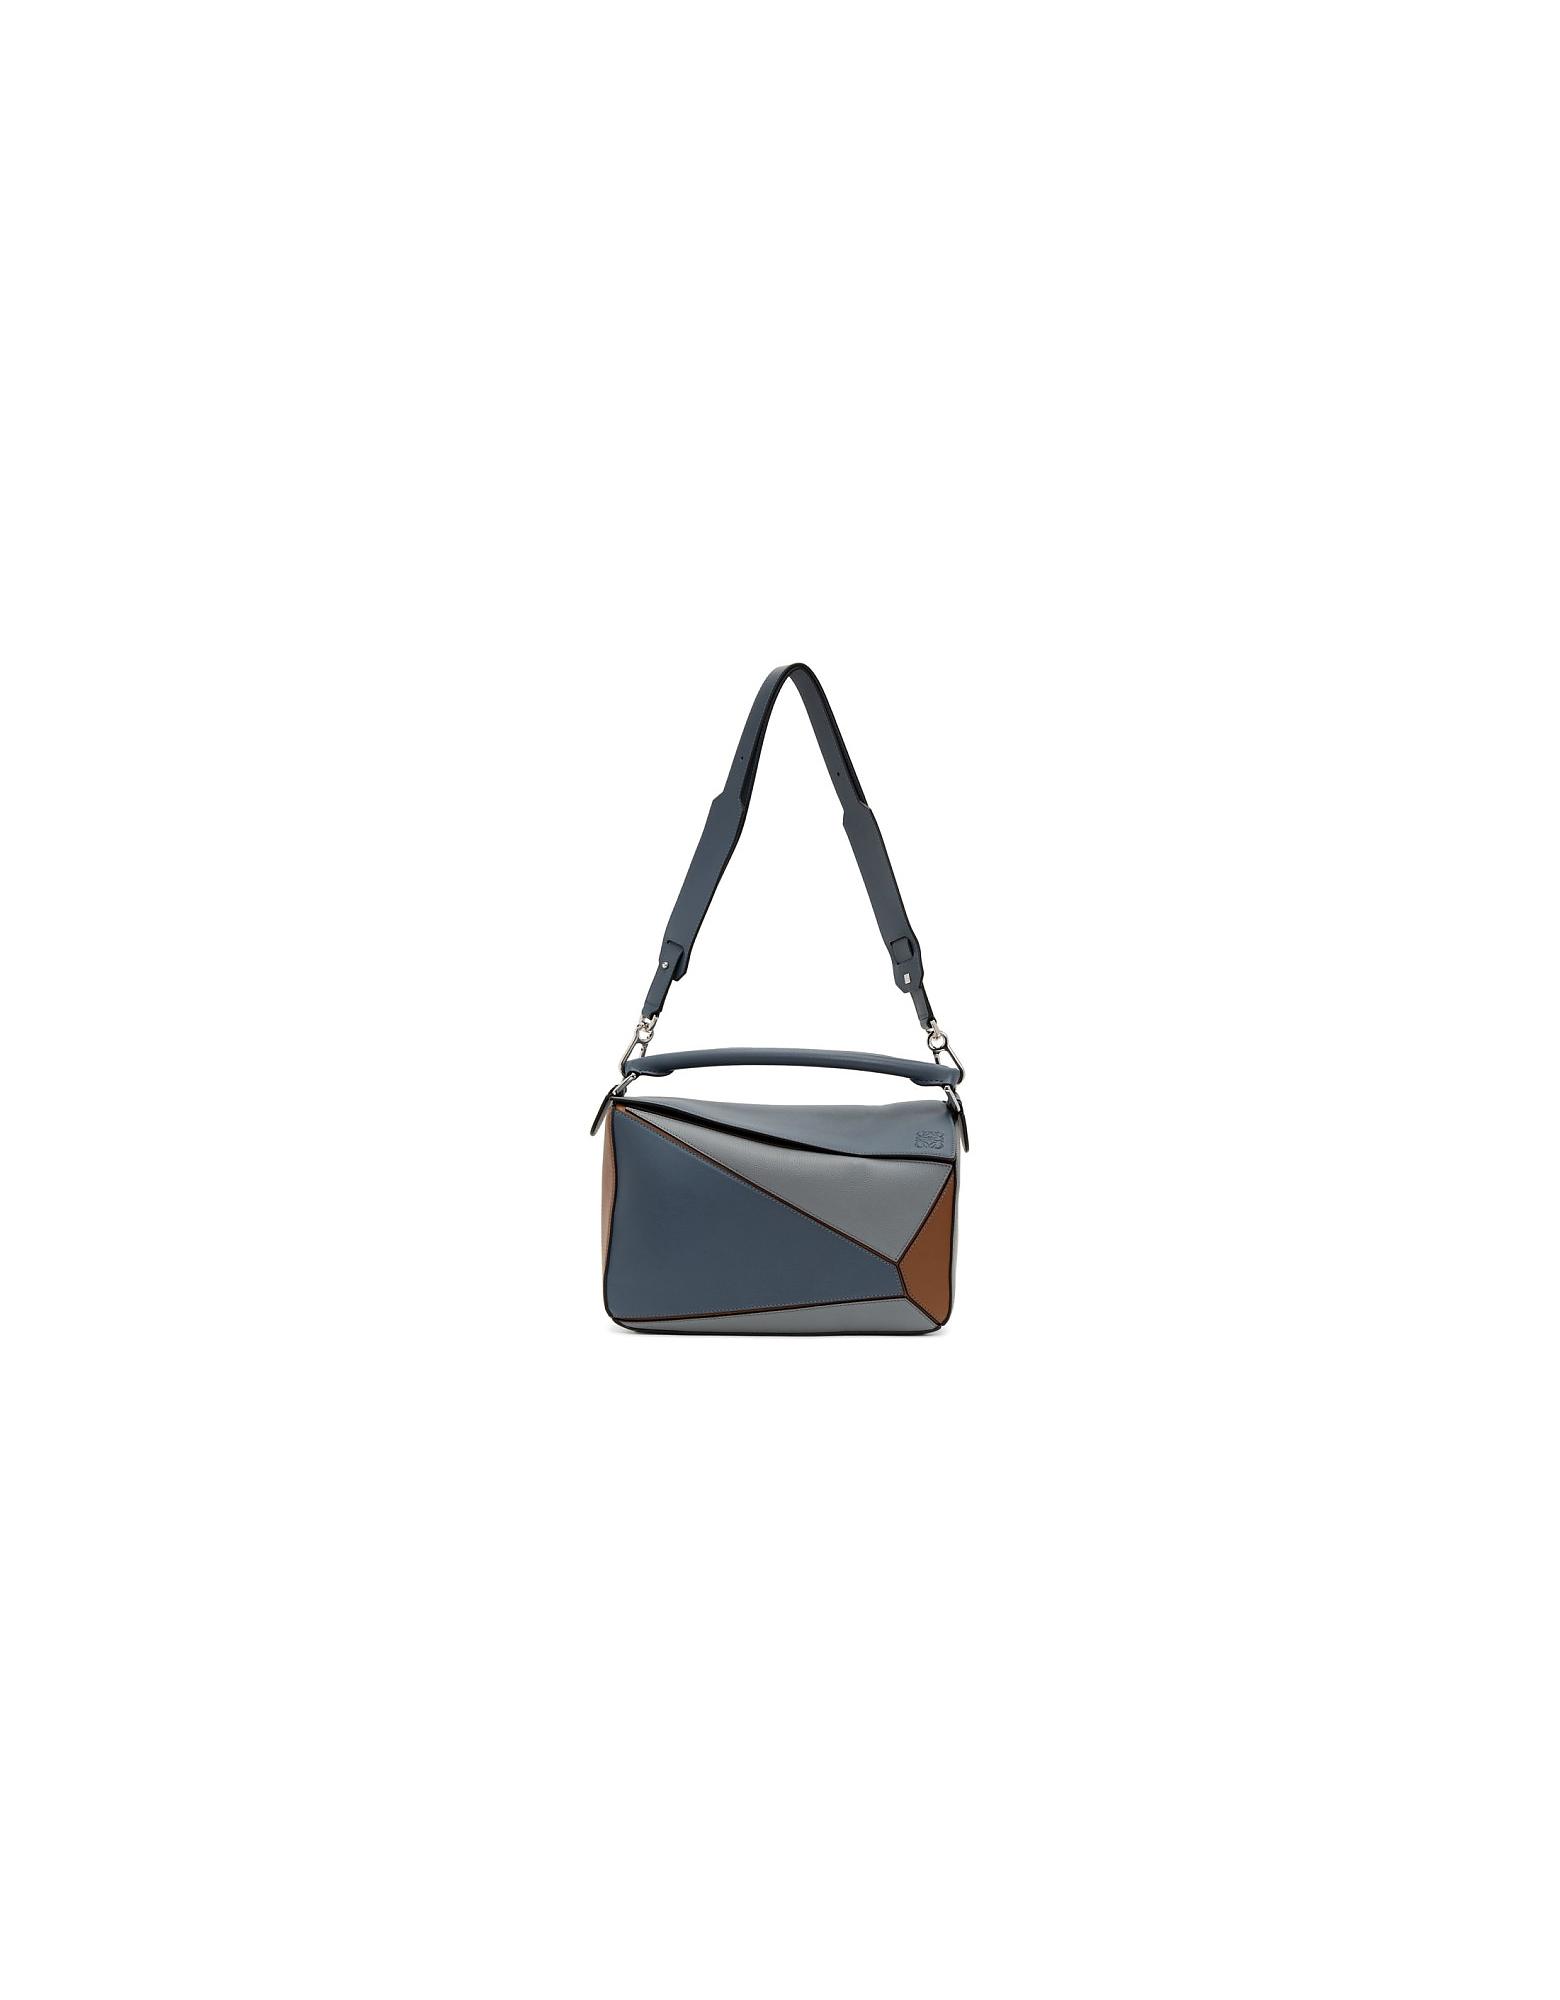 Loewe Designer Handbags, Blue and Tan Large Puzzle Bag